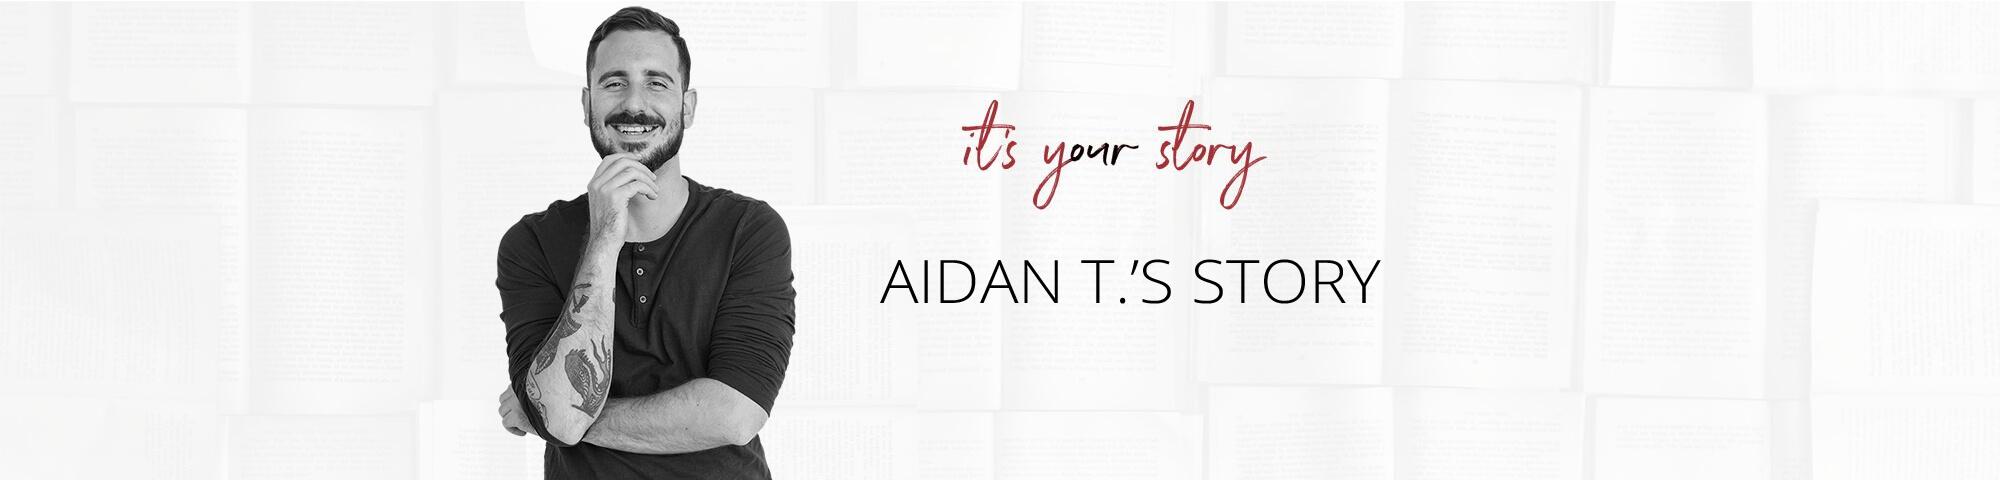 aidan t story header